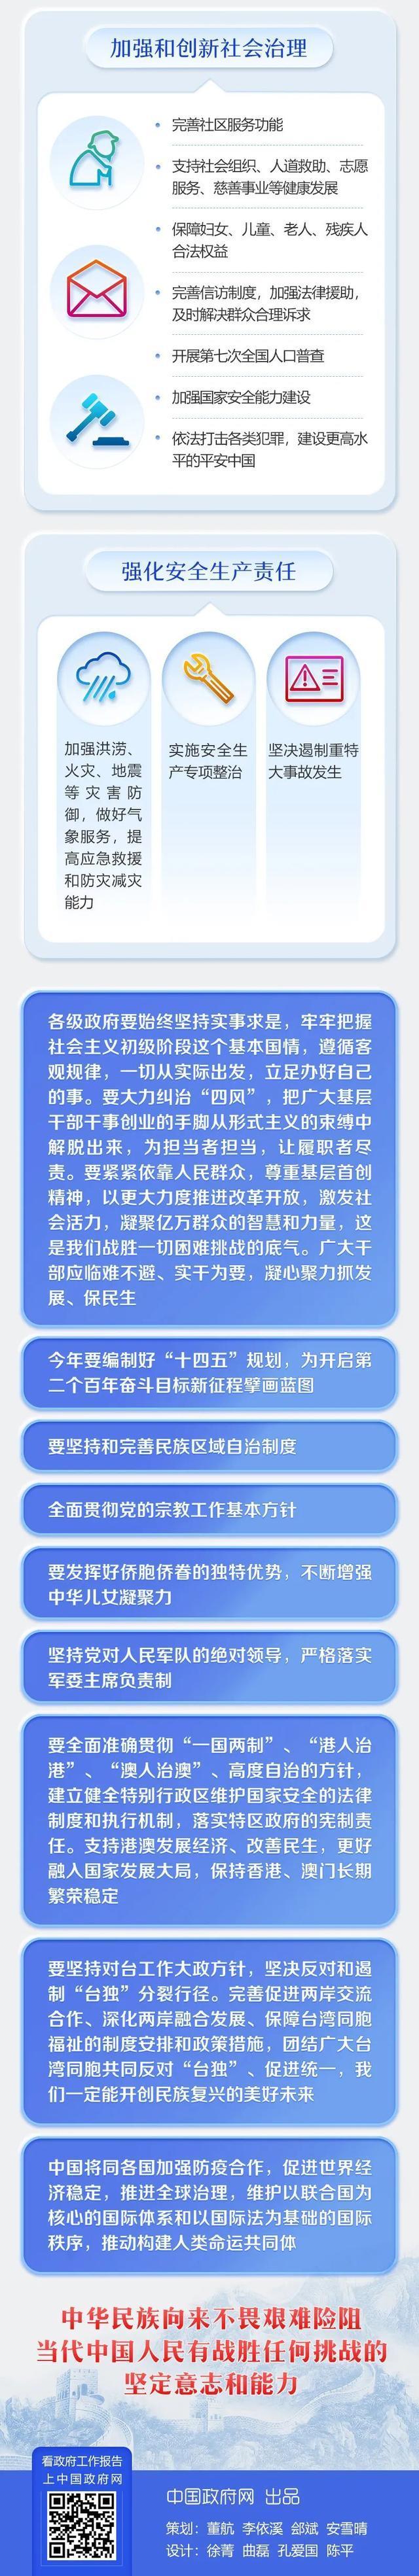 """政府部门工作总结报告三次谈及""""湖南长沙"""",执行好适用湖北省发展趋势一揽子现行政策 第15张"""